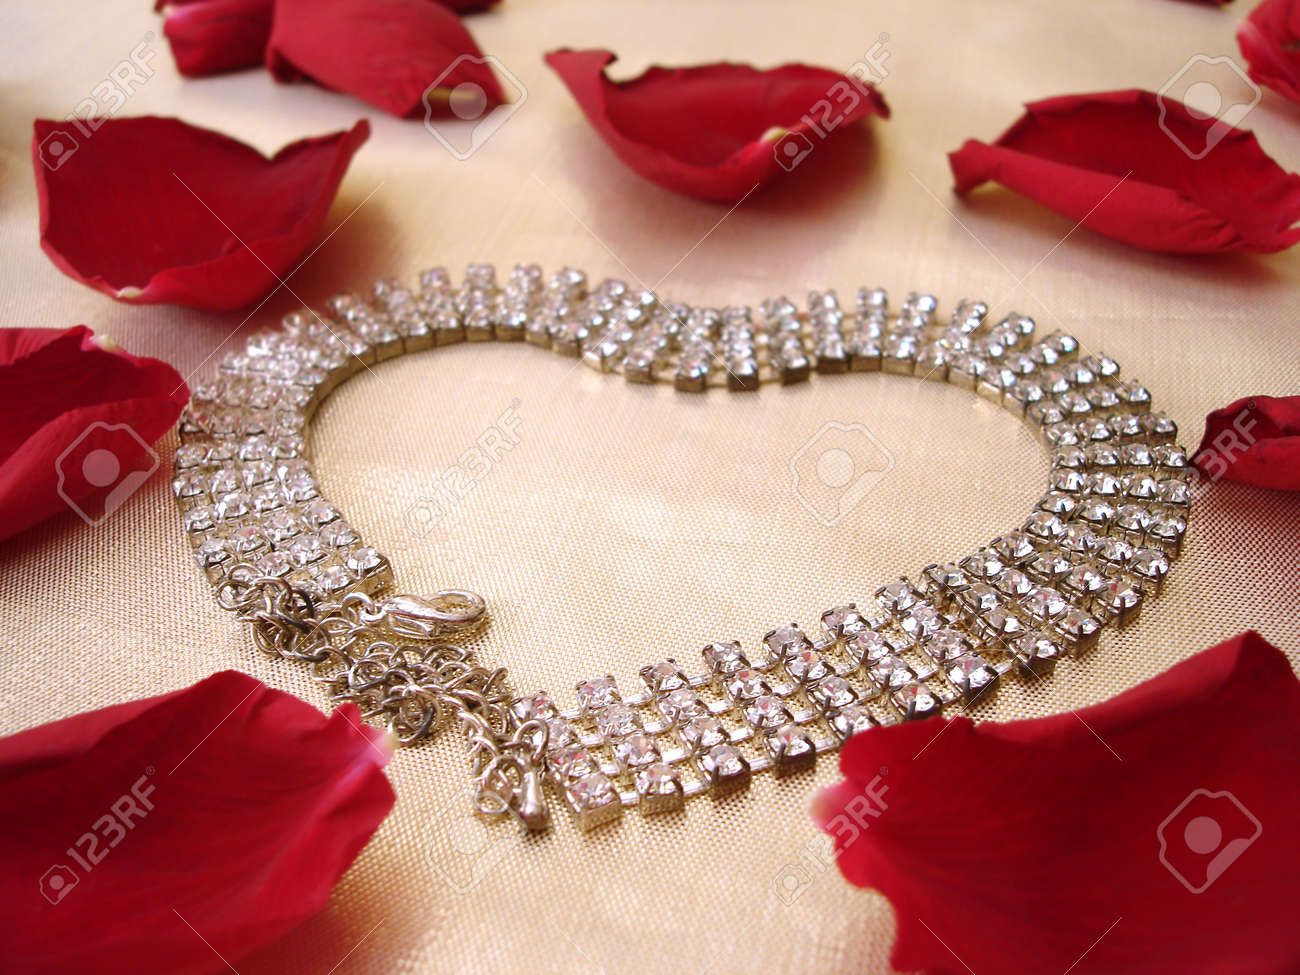 L'or Collier Dimond Sur Coeur De Avec Des Roses Pétales Rouges dCxBeWro